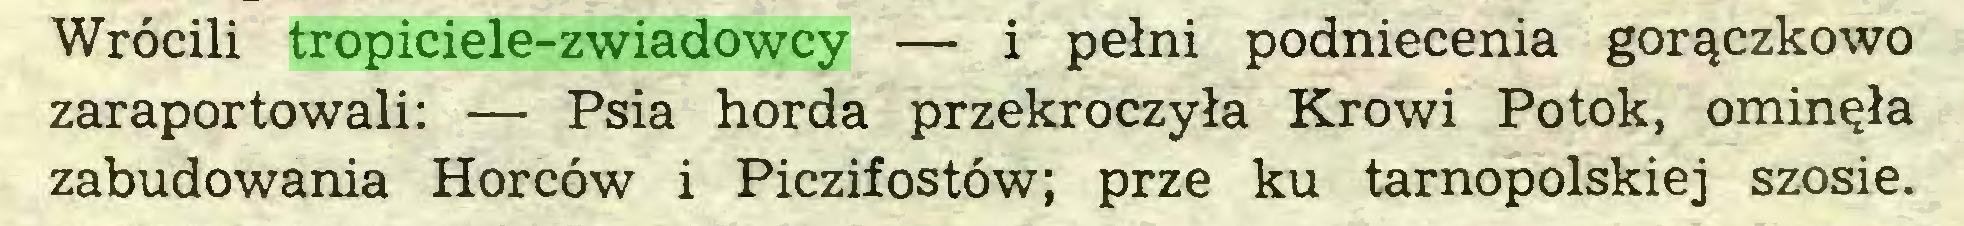 (...) Wrócili tropiciele-zwiadowcy — i pełni podniecenia gorączkowo zaraportowali: — Psia horda przekroczyła Krowi Potok, ominęła zabudowania Horców i Piczifostów; prze ku tarnopolskiej szosie...